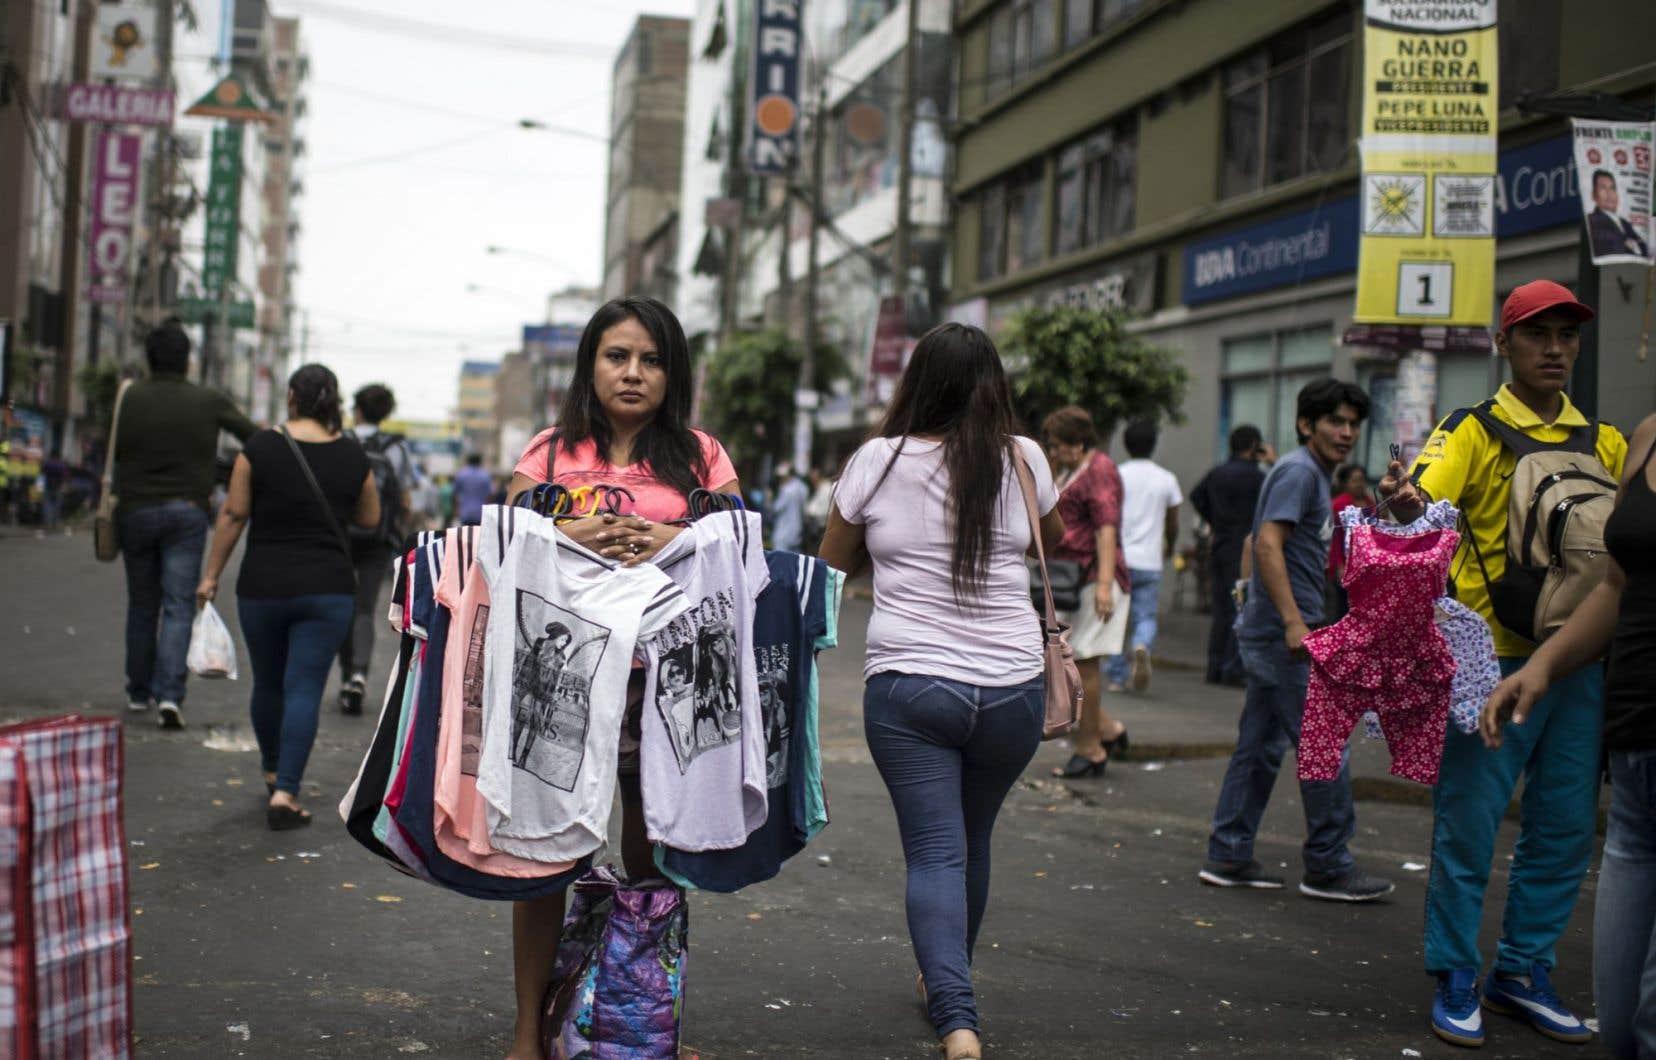 Une femme vendait des t-shirts dans les rues de Lima, au Pérou, en avril dernier.